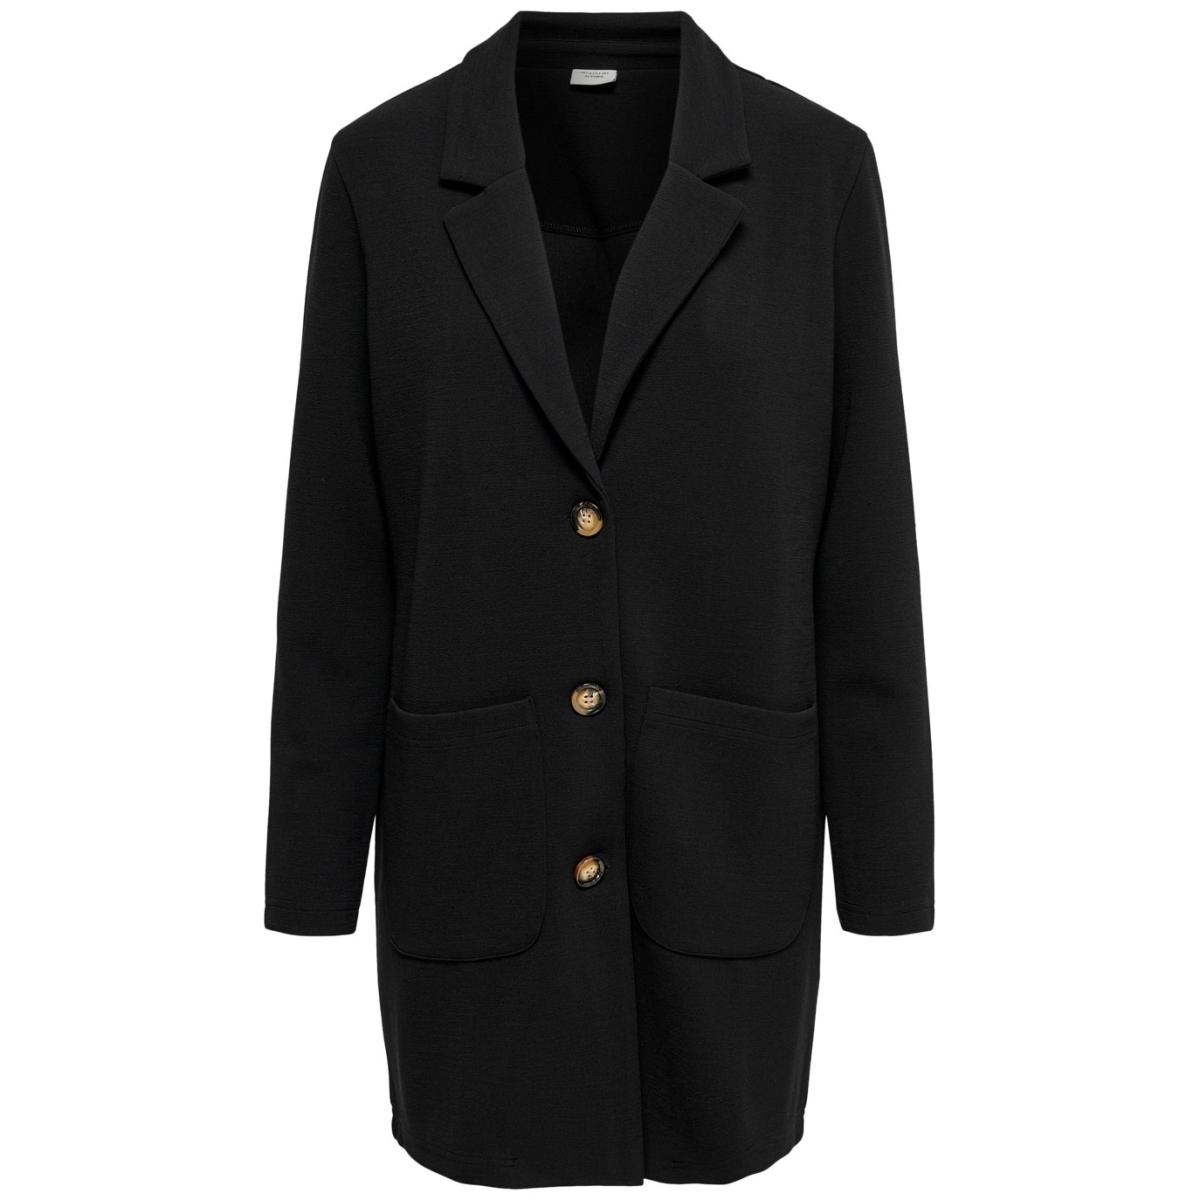 jdystone l/s spring jacket jrs 15196900 jacqueline de yong jas black/horn buttons